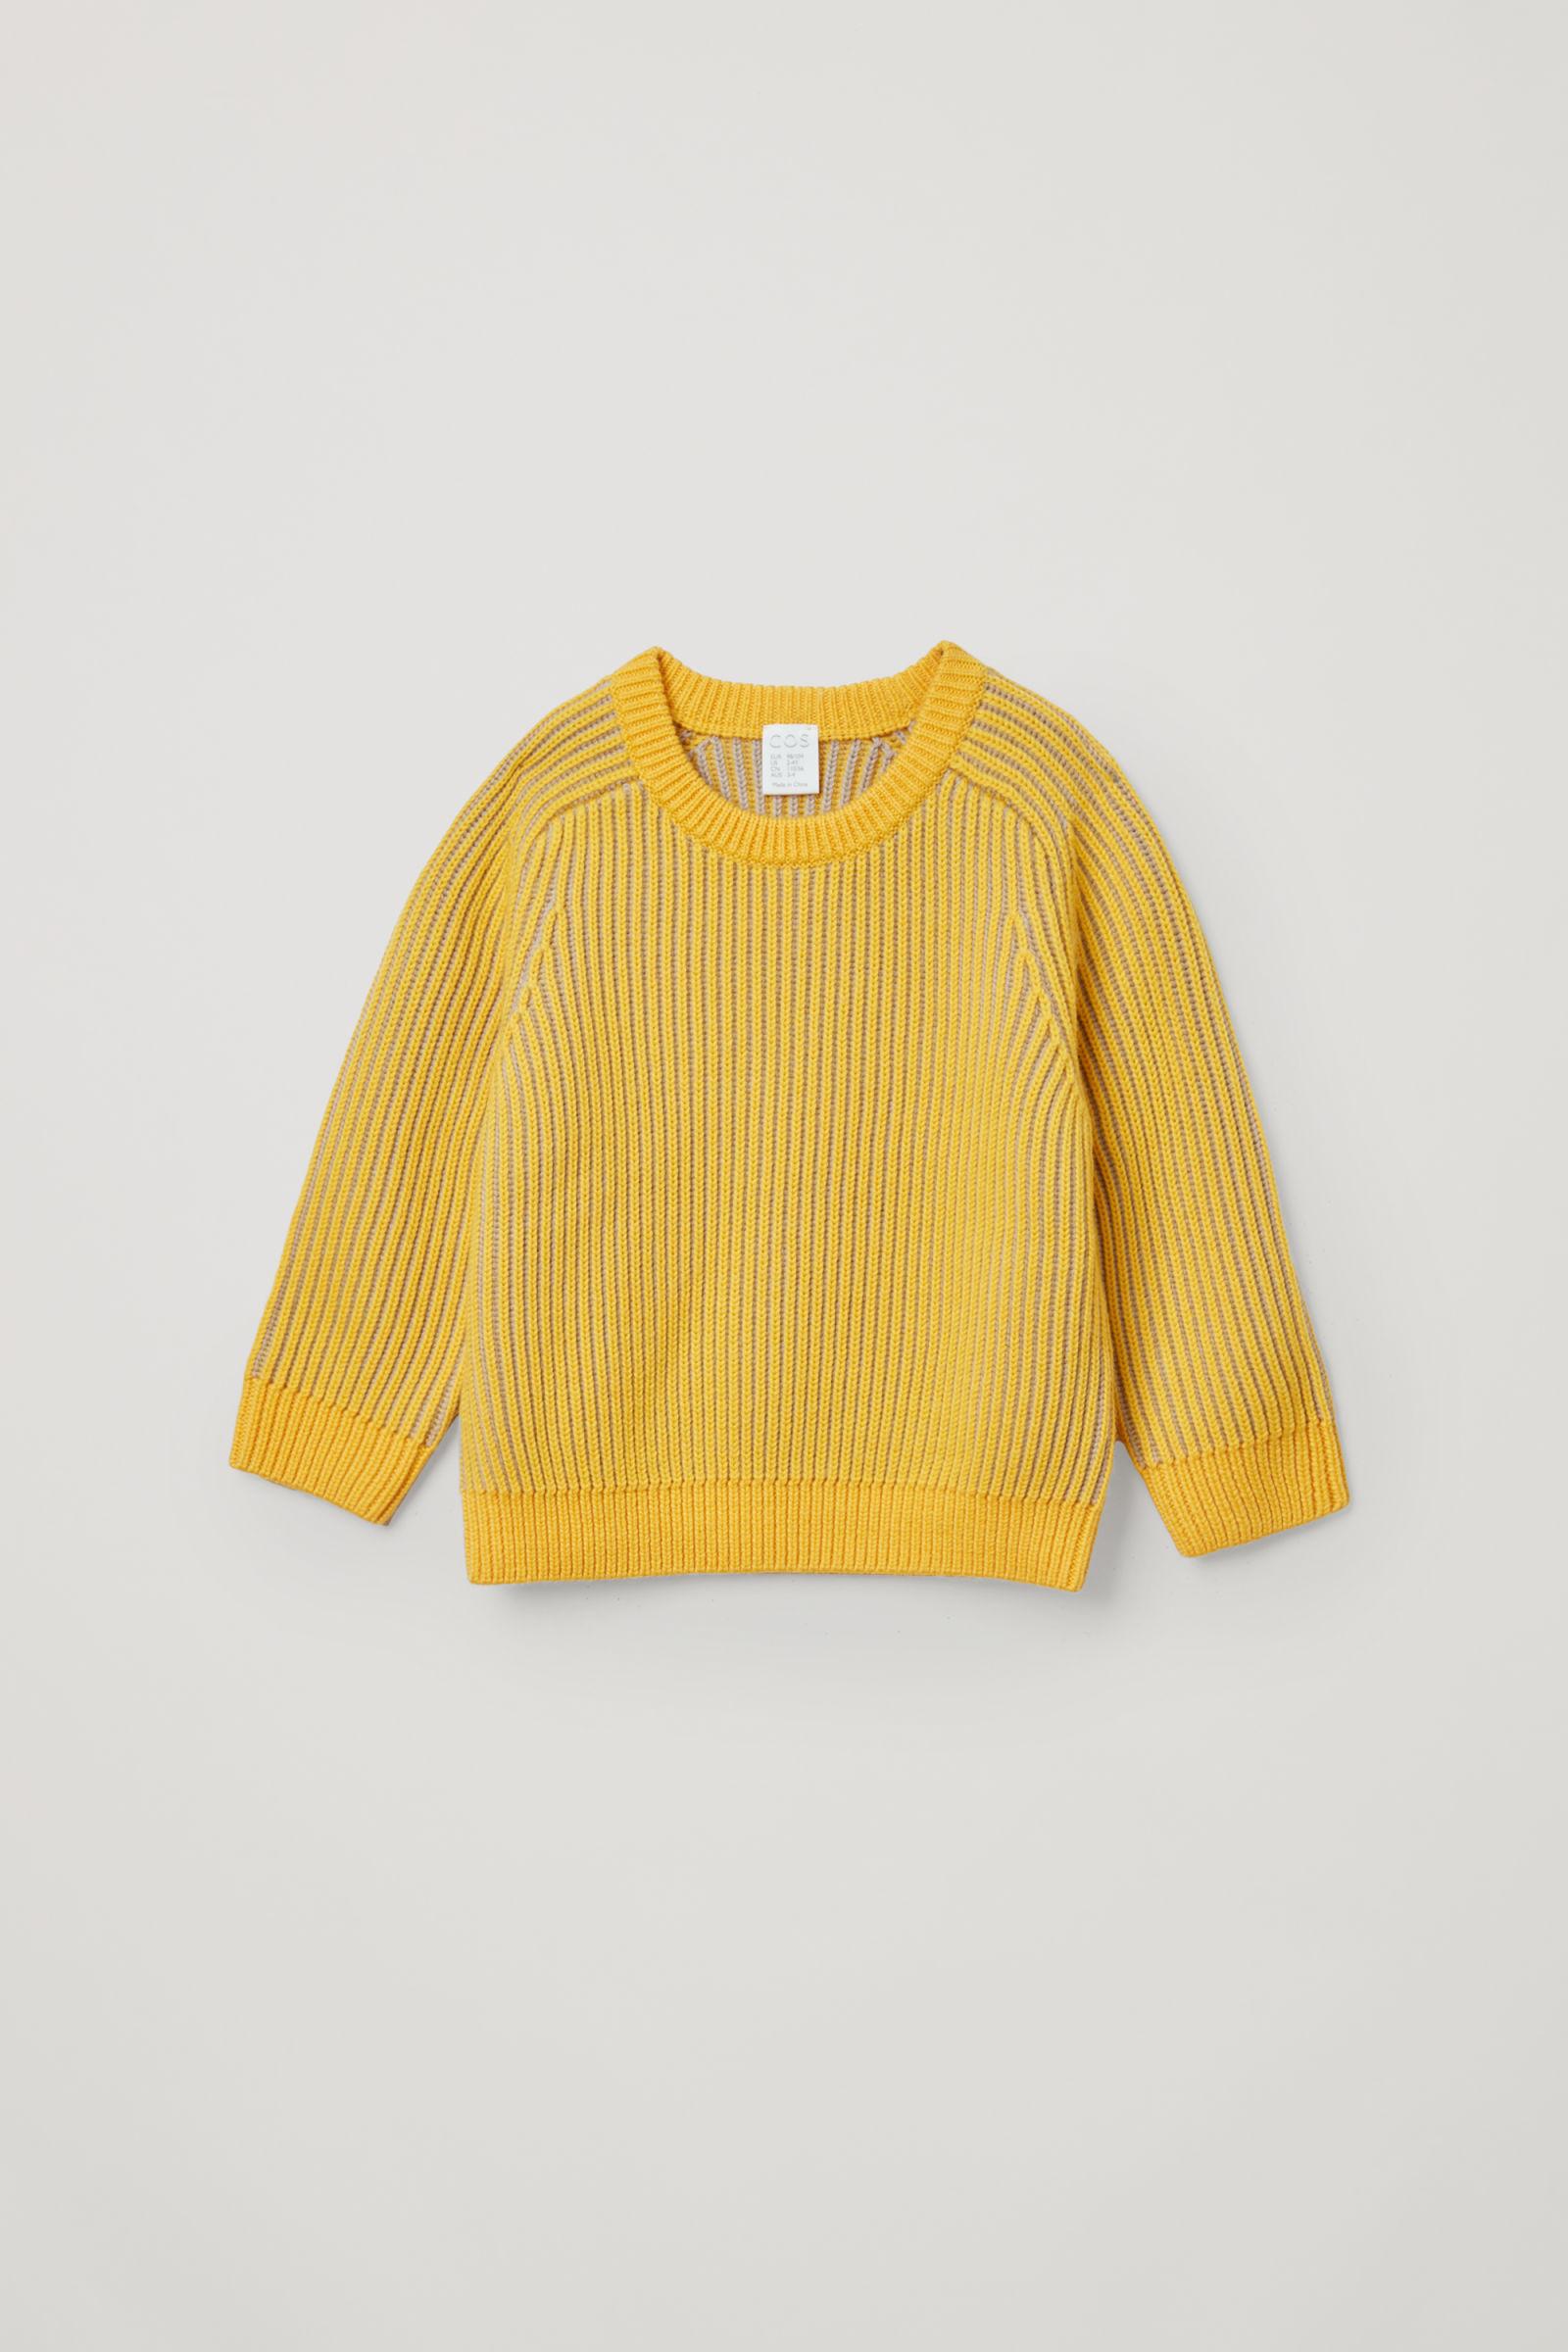 코스 키즈 메리노울 니트 스웨터 COS KNITTED MERINO JUMPER,yellow